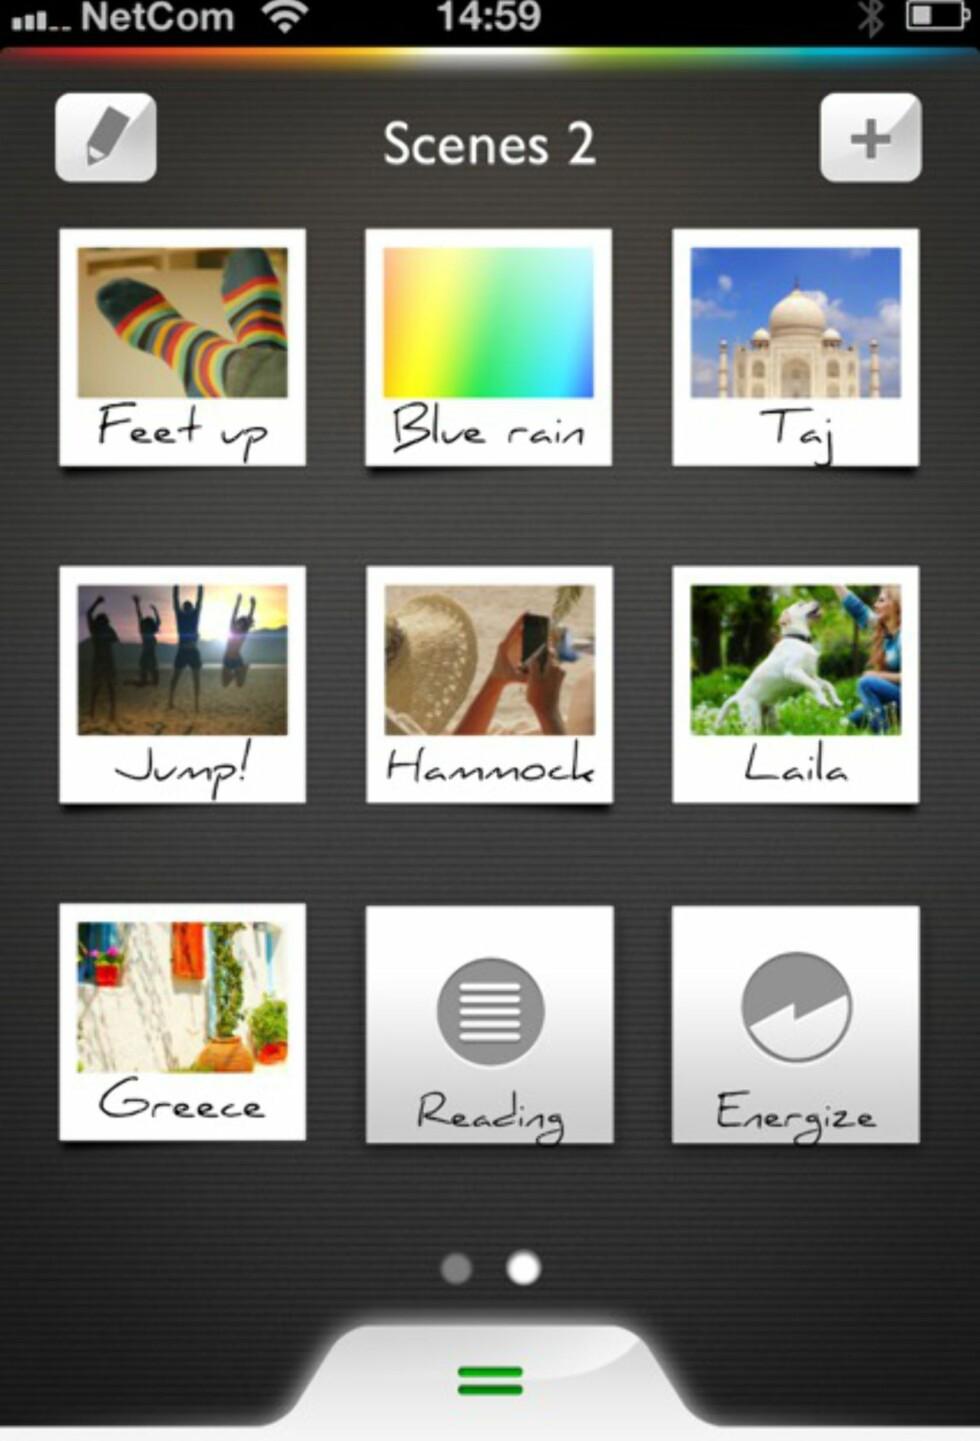 Du kan velge allerede definerte fargeprofiler, eller du kan lage din egen profil, gjerne ut ifra ditt eget bilde. Foto: Kristin Sørdal